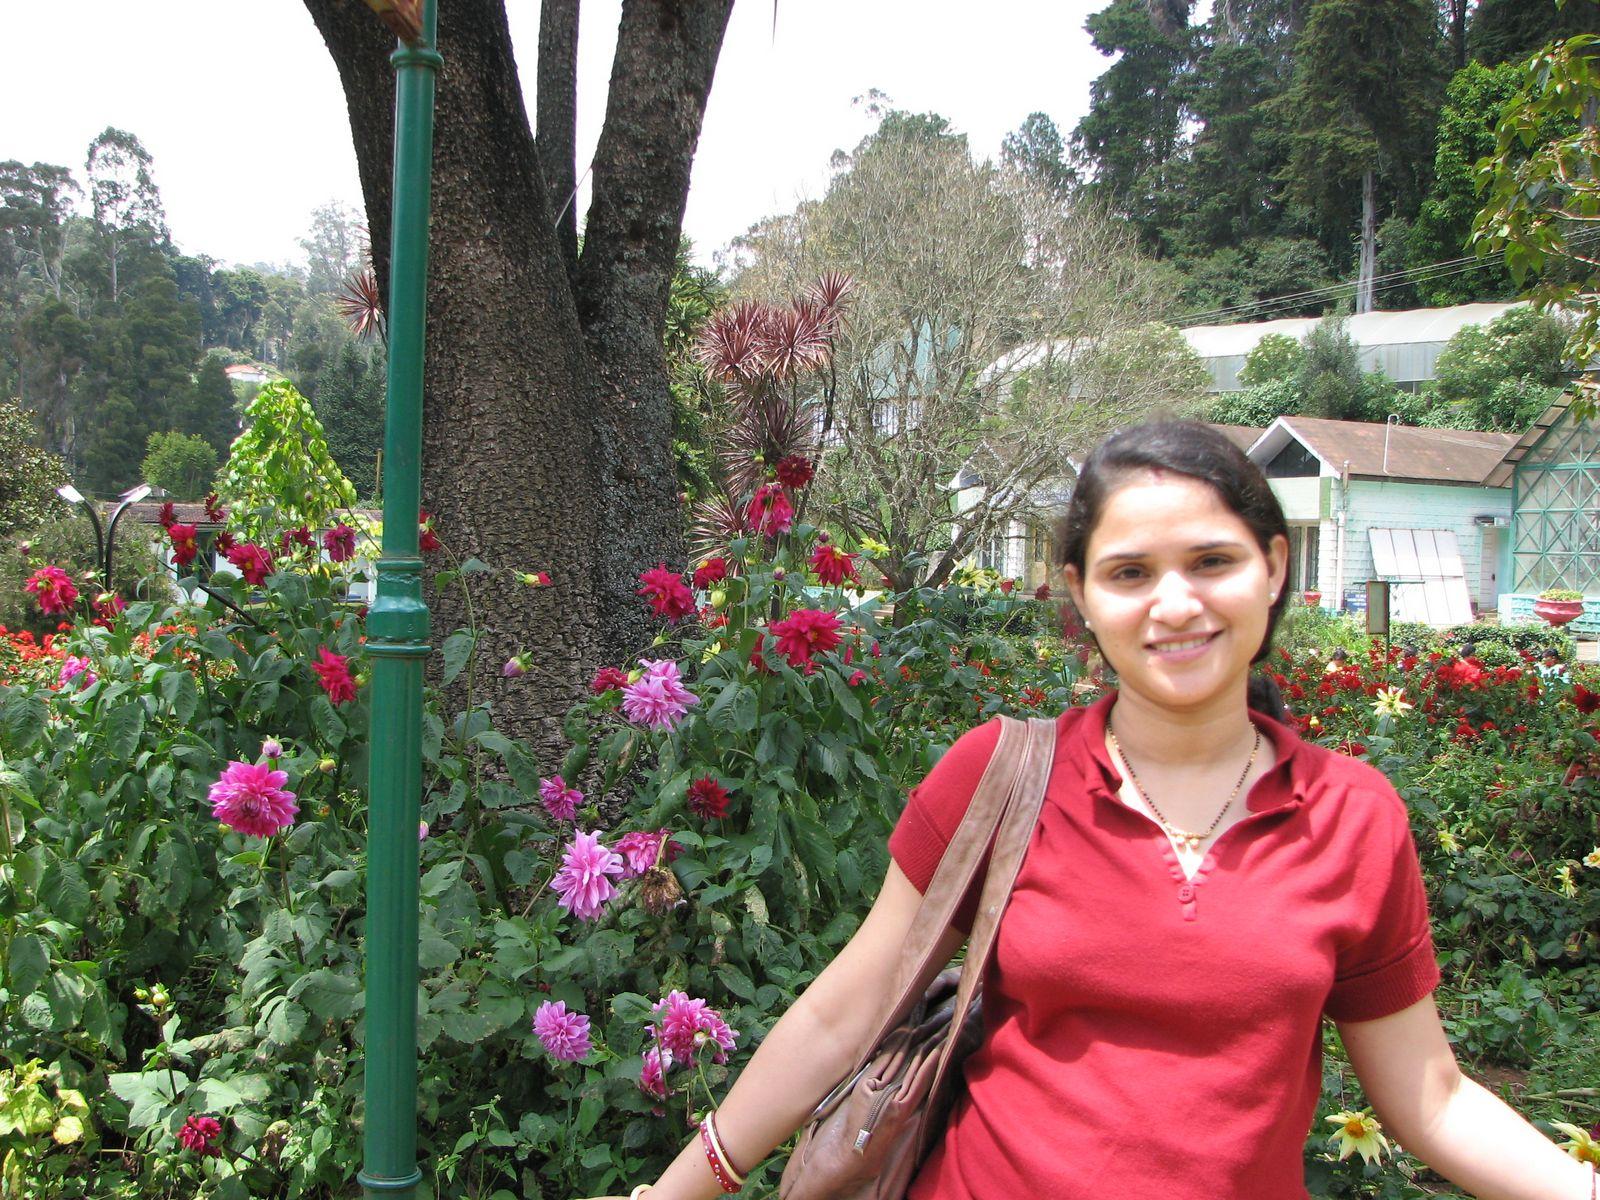 Desi Cute And Fresh Girl Kolkata Girls Photo-4796